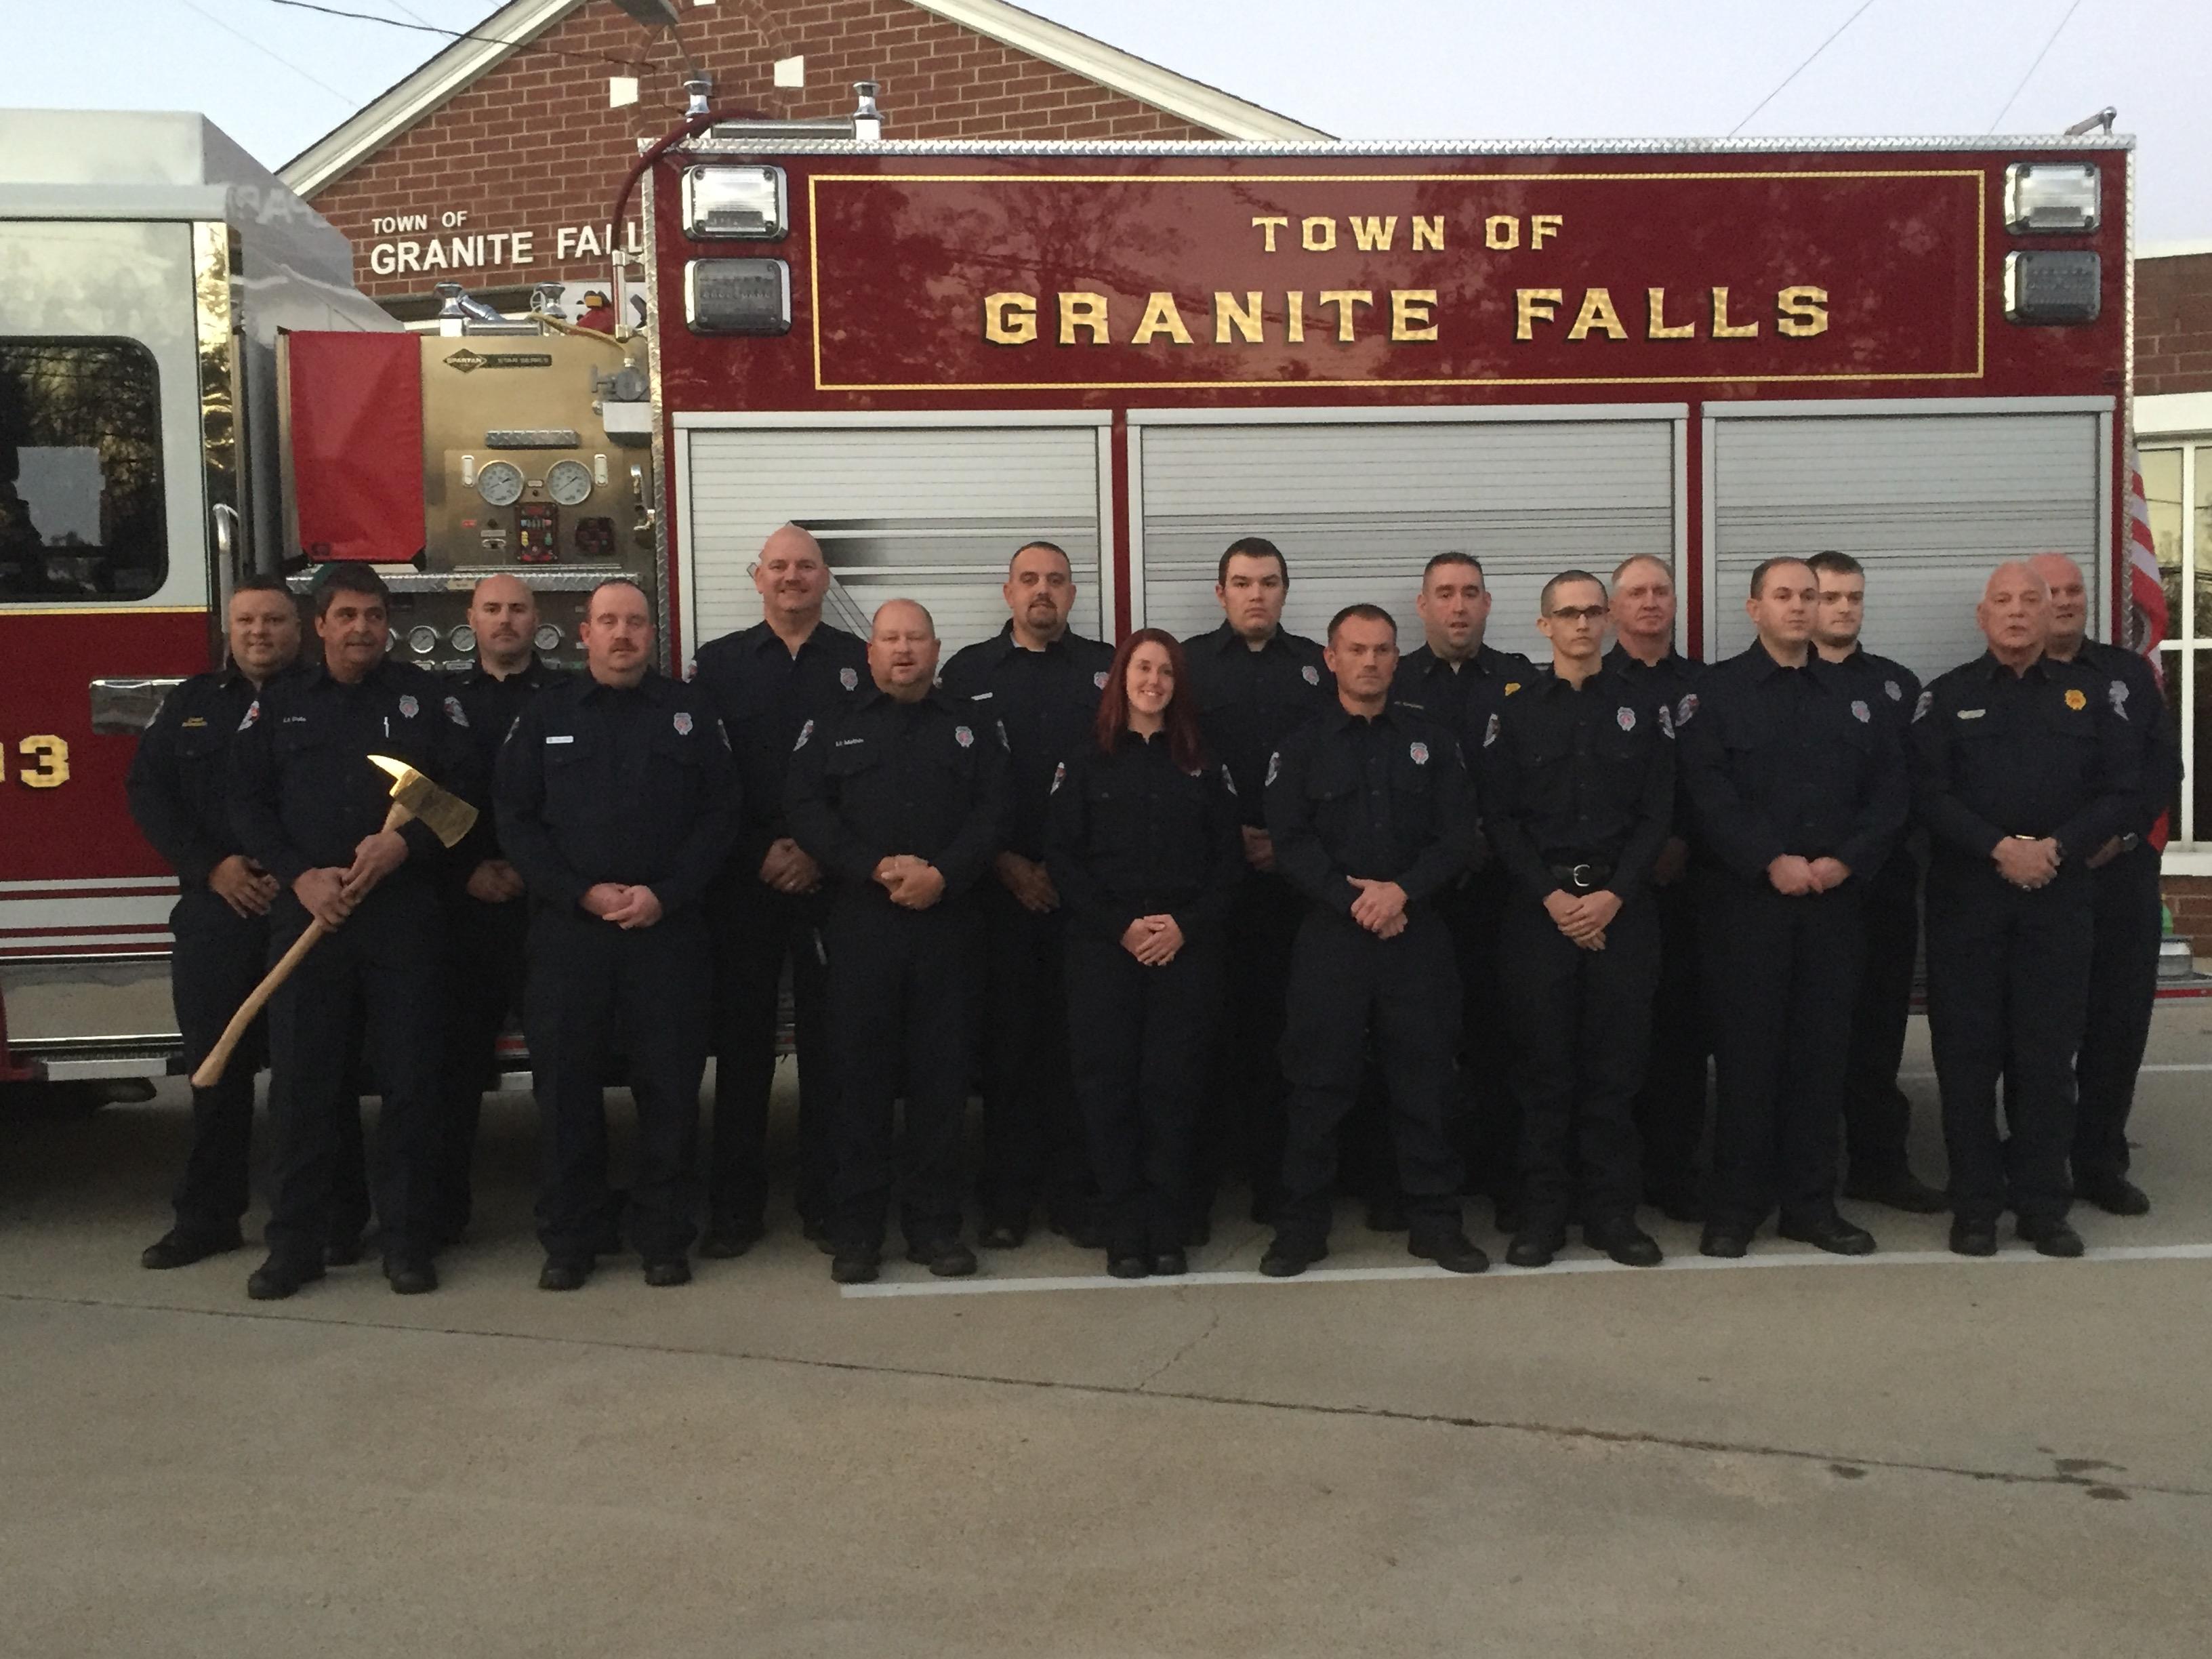 Granite Falls Fire Department Roster - Town of Granite Falls, North